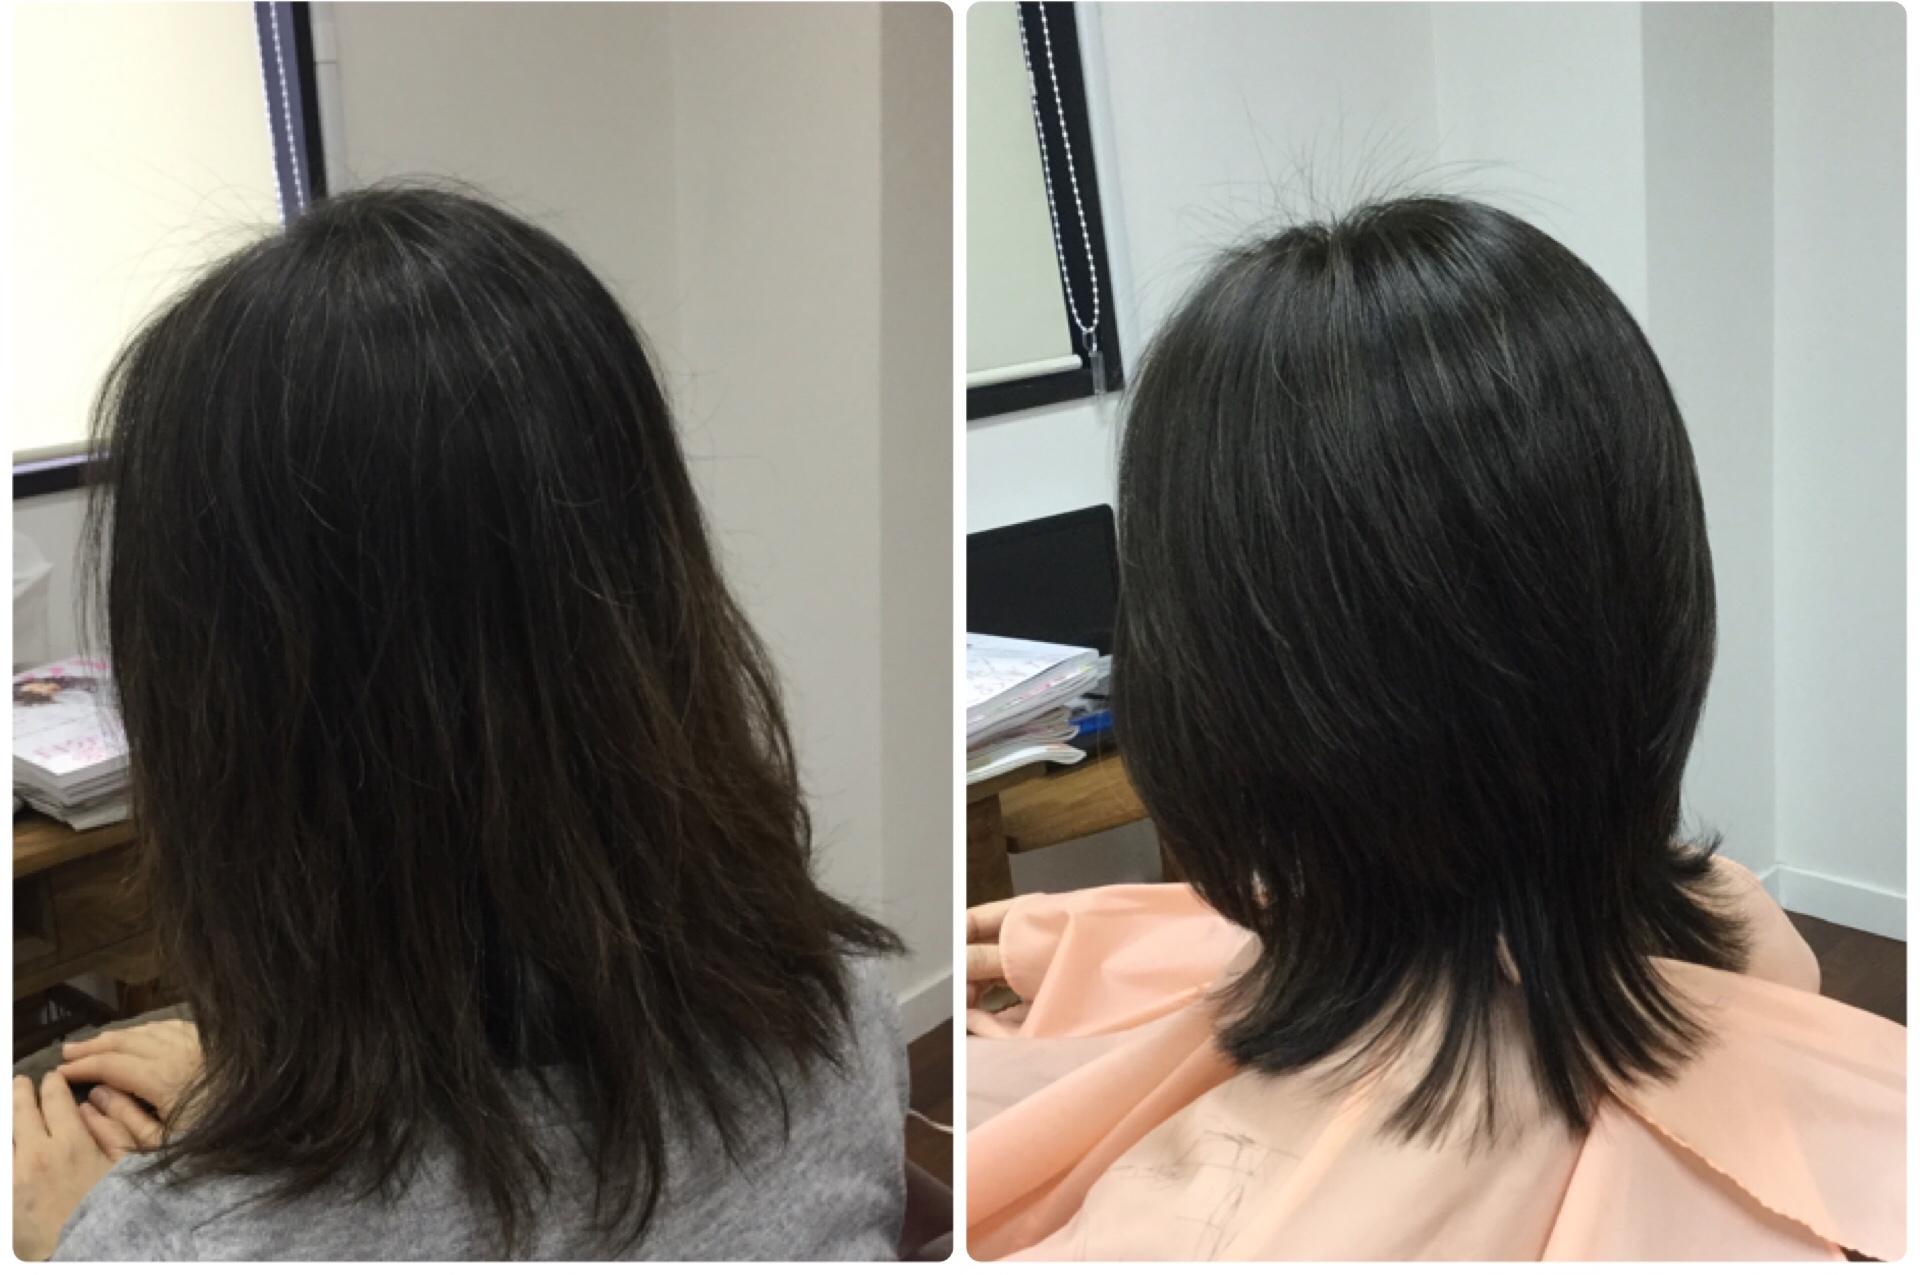 ヘアカラー=酸化染毛剤(老化)薄毛・細毛の原因ですよ神戸くせ毛専門美容室アバディ